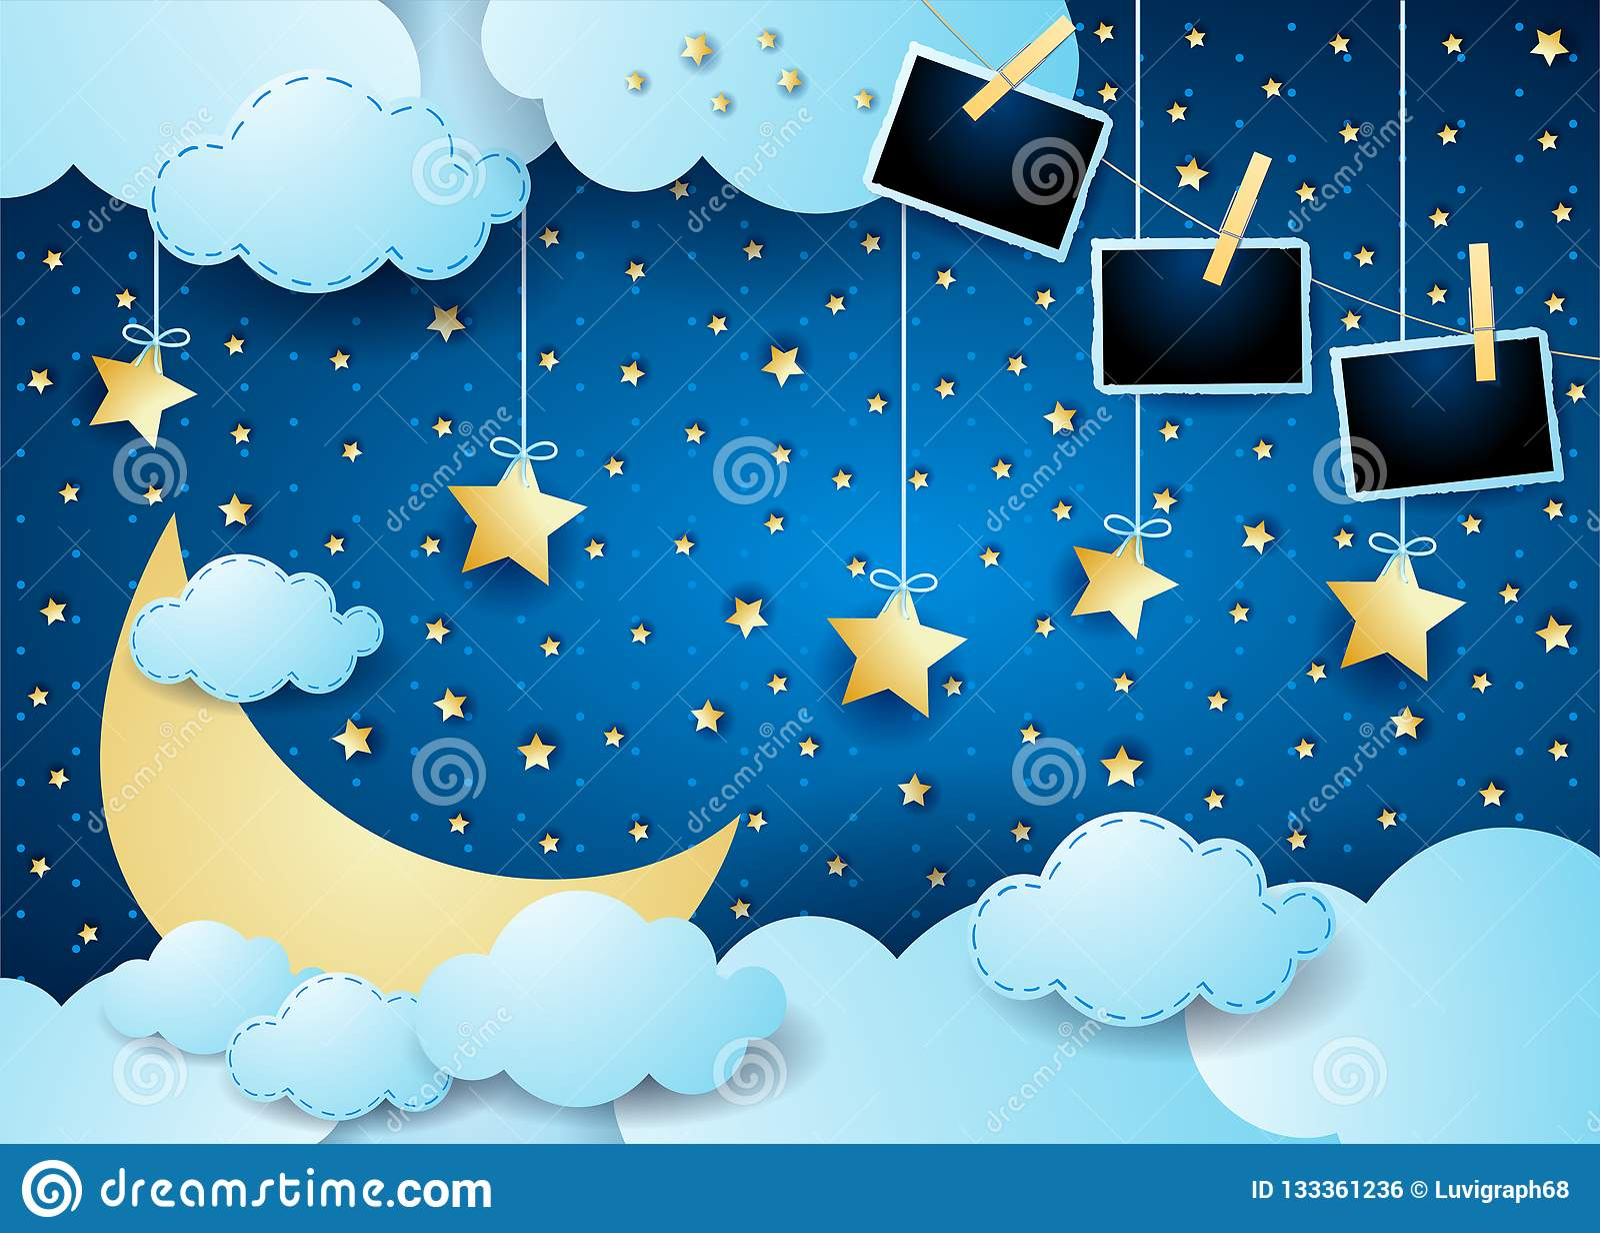 Surreal nacht met maan, wolken, hangende sterren en fotokaders